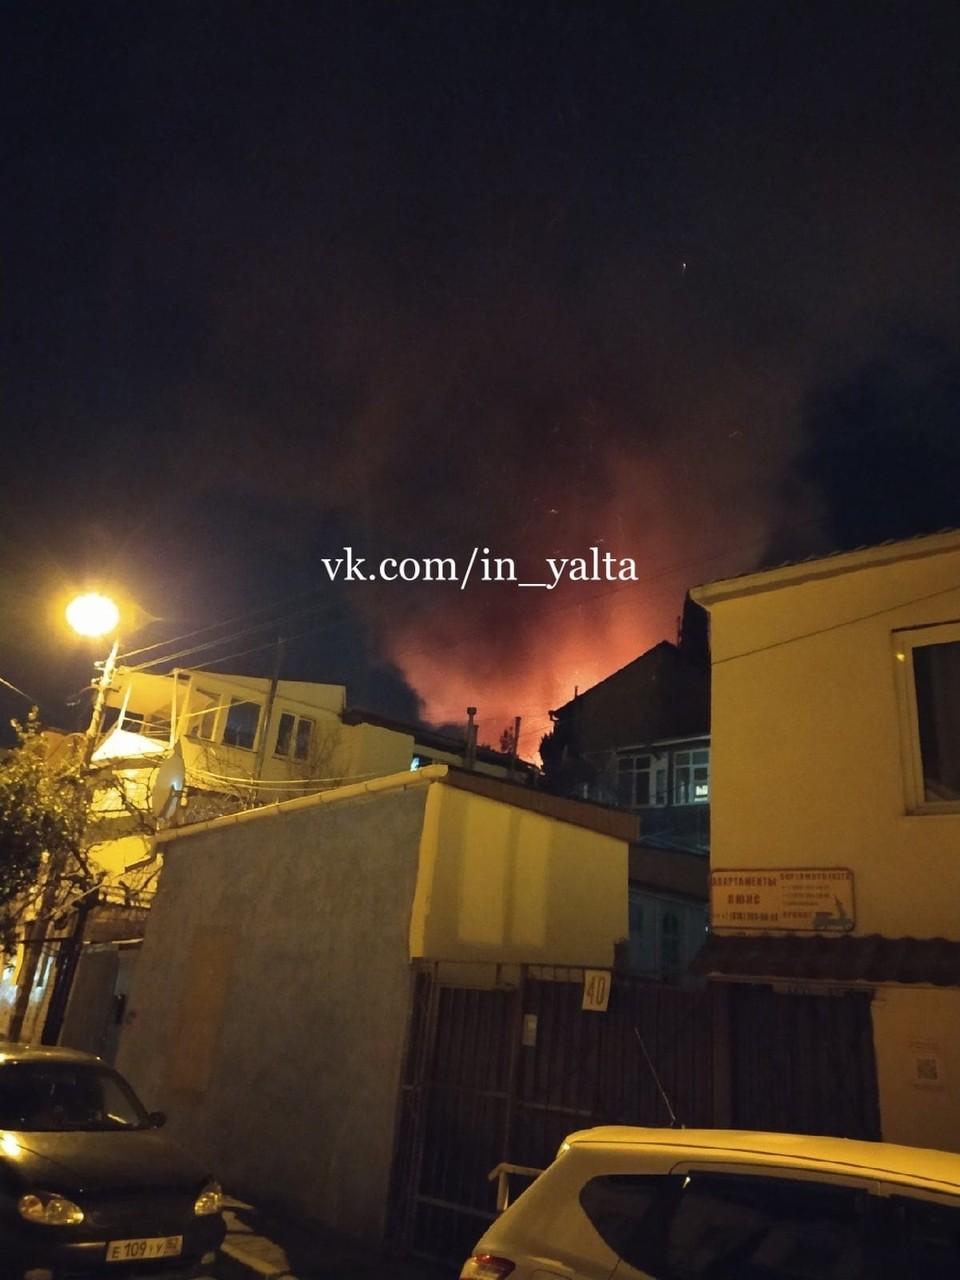 Загорелся двухэтажный деревянный дом. Фото: ПОДСЛУШАНО ЯЛТА/VK